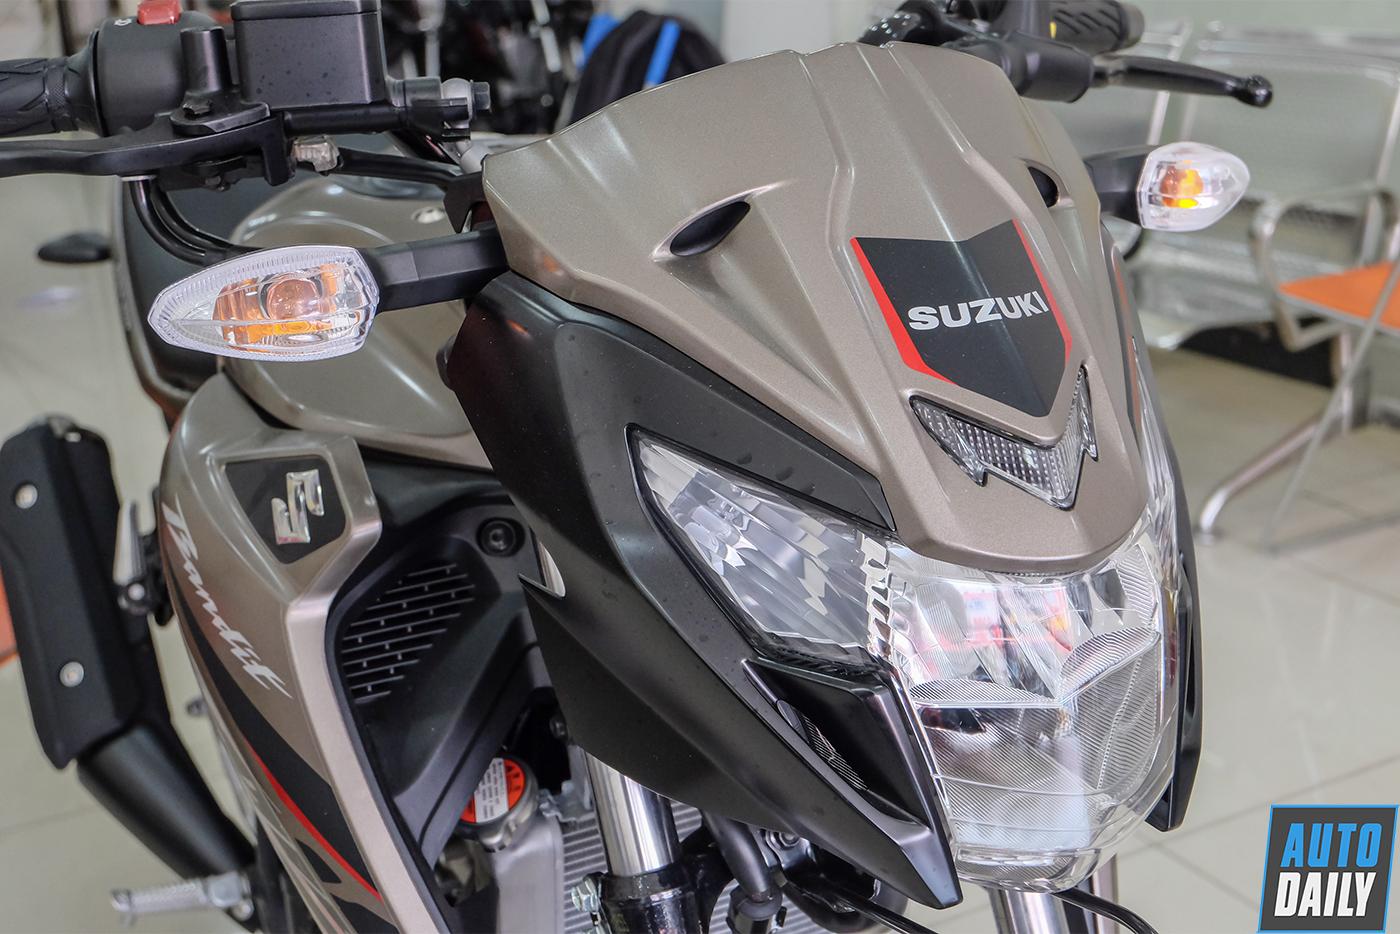 suzuki-gsx-150-bandit-6.jpg